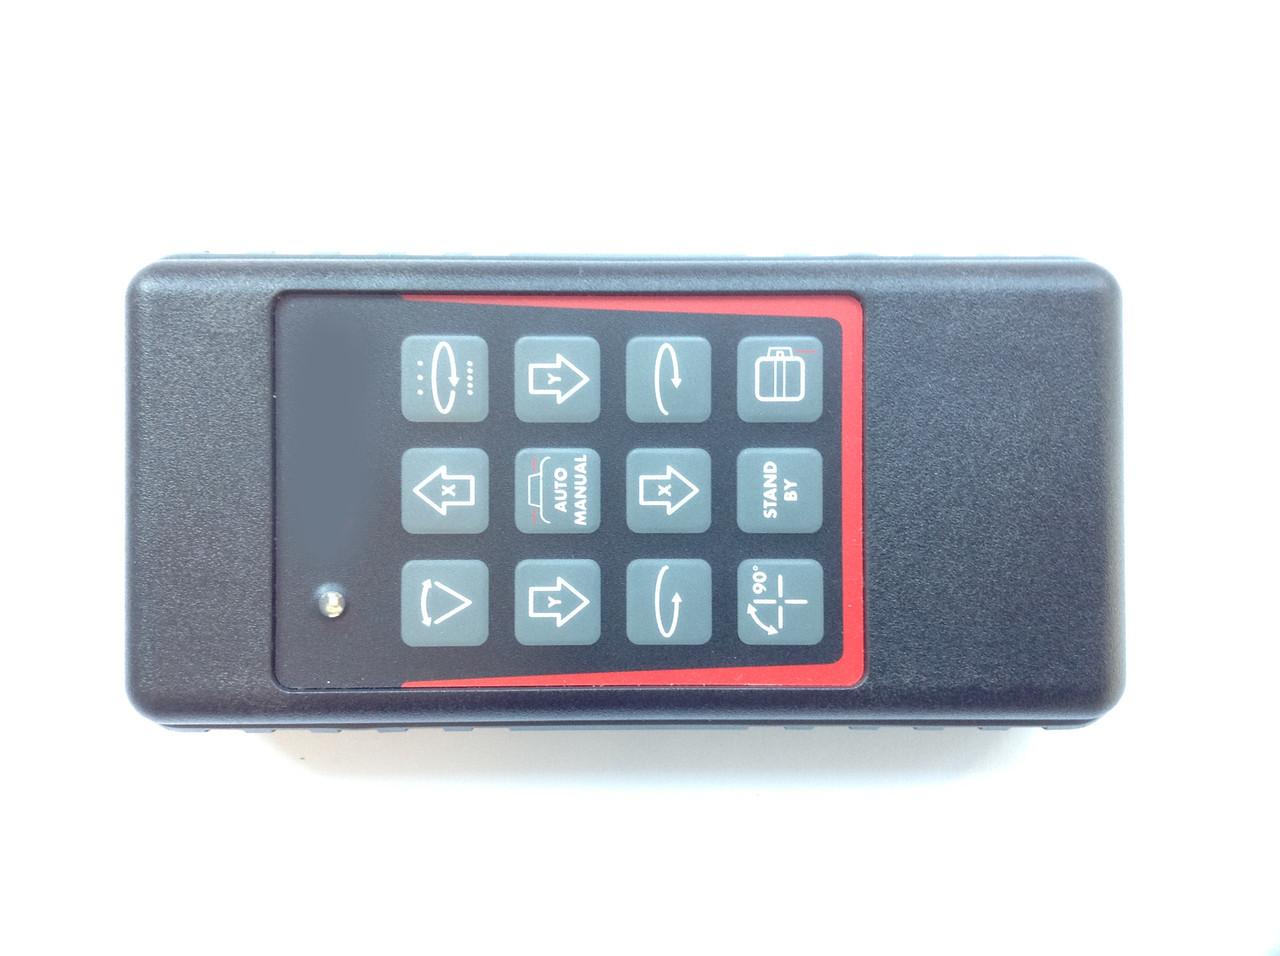 Пульт дистанционного управления LRC REMOTE CONTROL RC5-14-F.RL5-14 MASTER